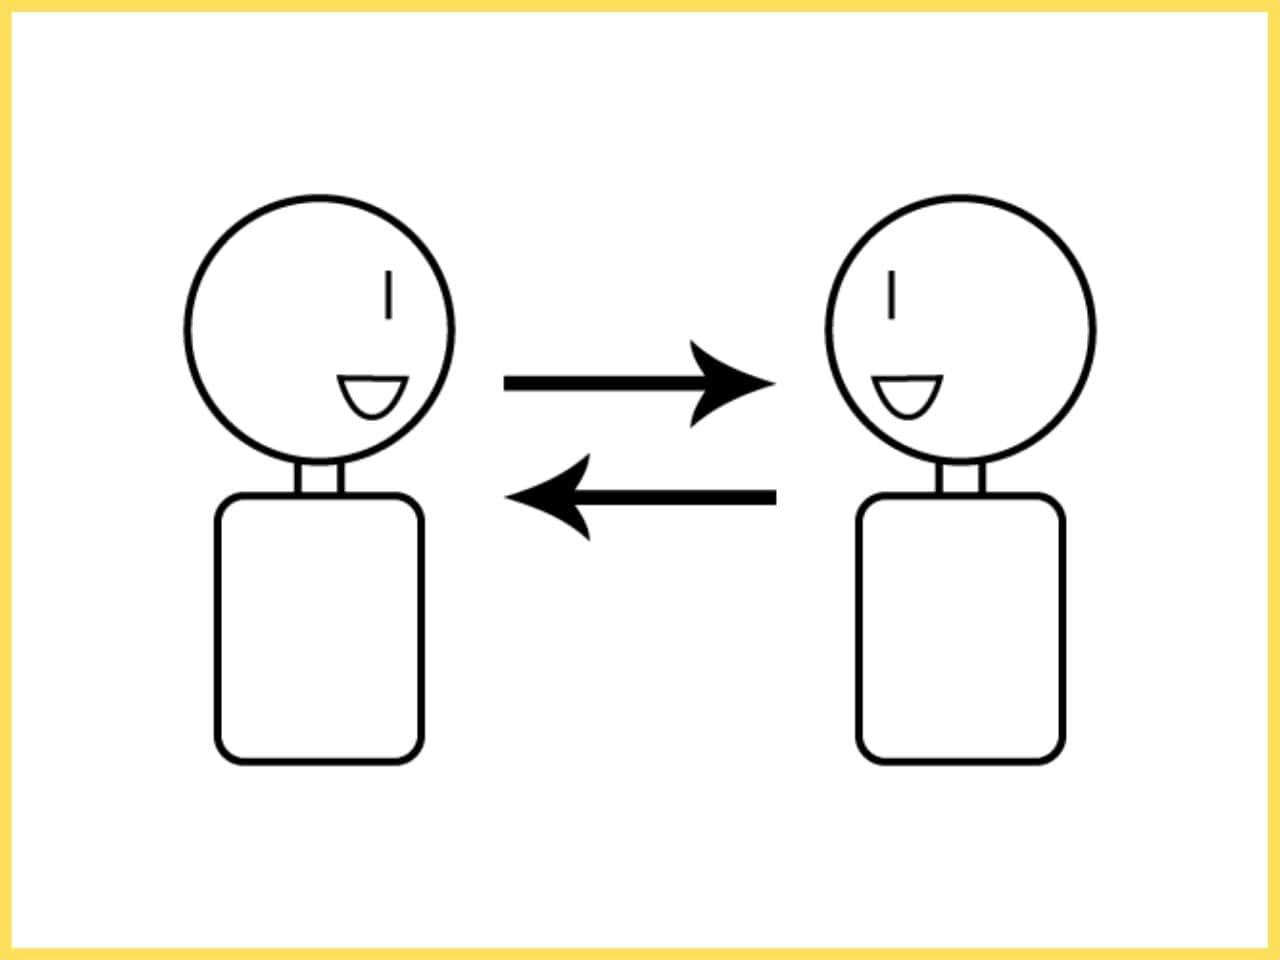 対等な立場で円滑に会話する二人